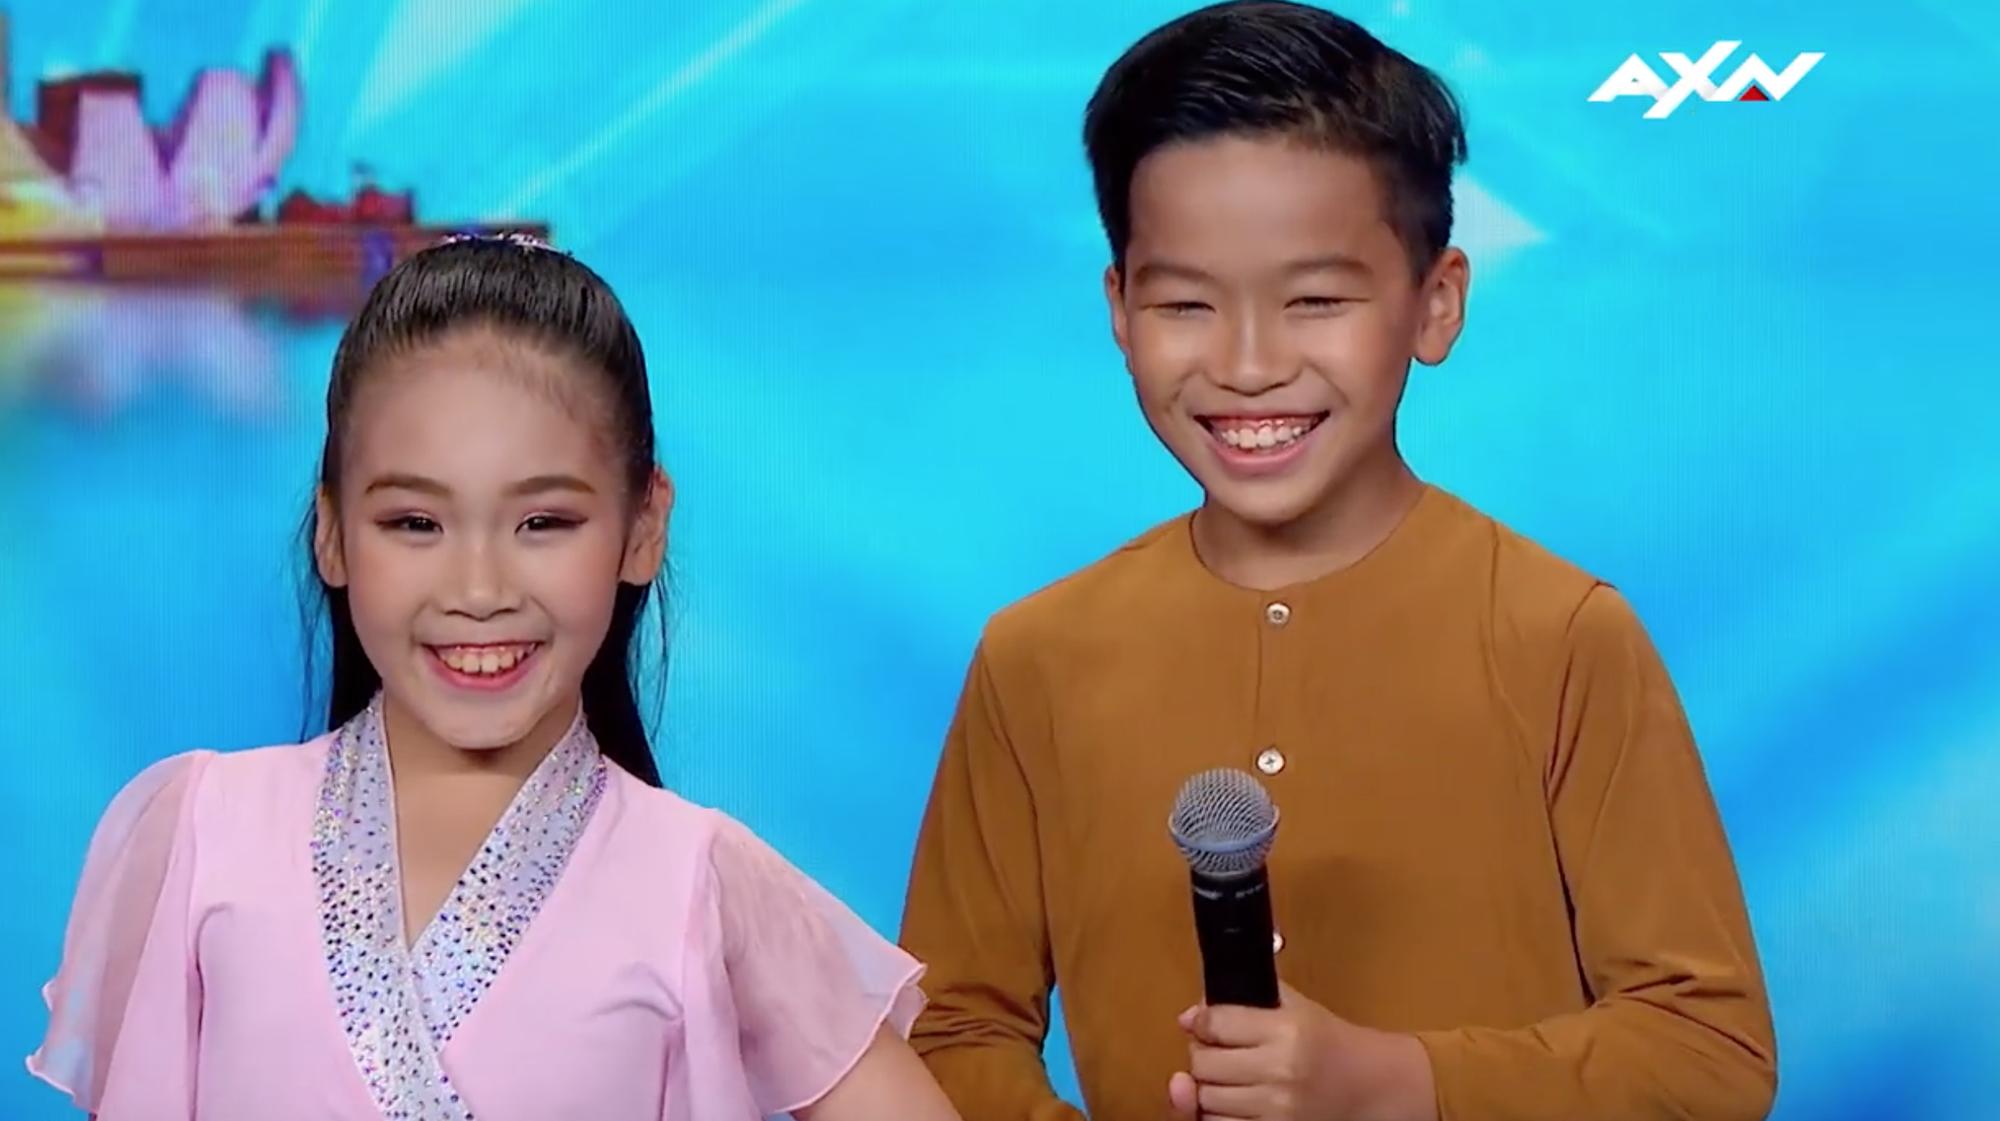 Cặp đôi nhí Việt Nam khiến các giám khảo Asias Got Talent cười tít mắt vì quá đáng yêu - Ảnh 3.